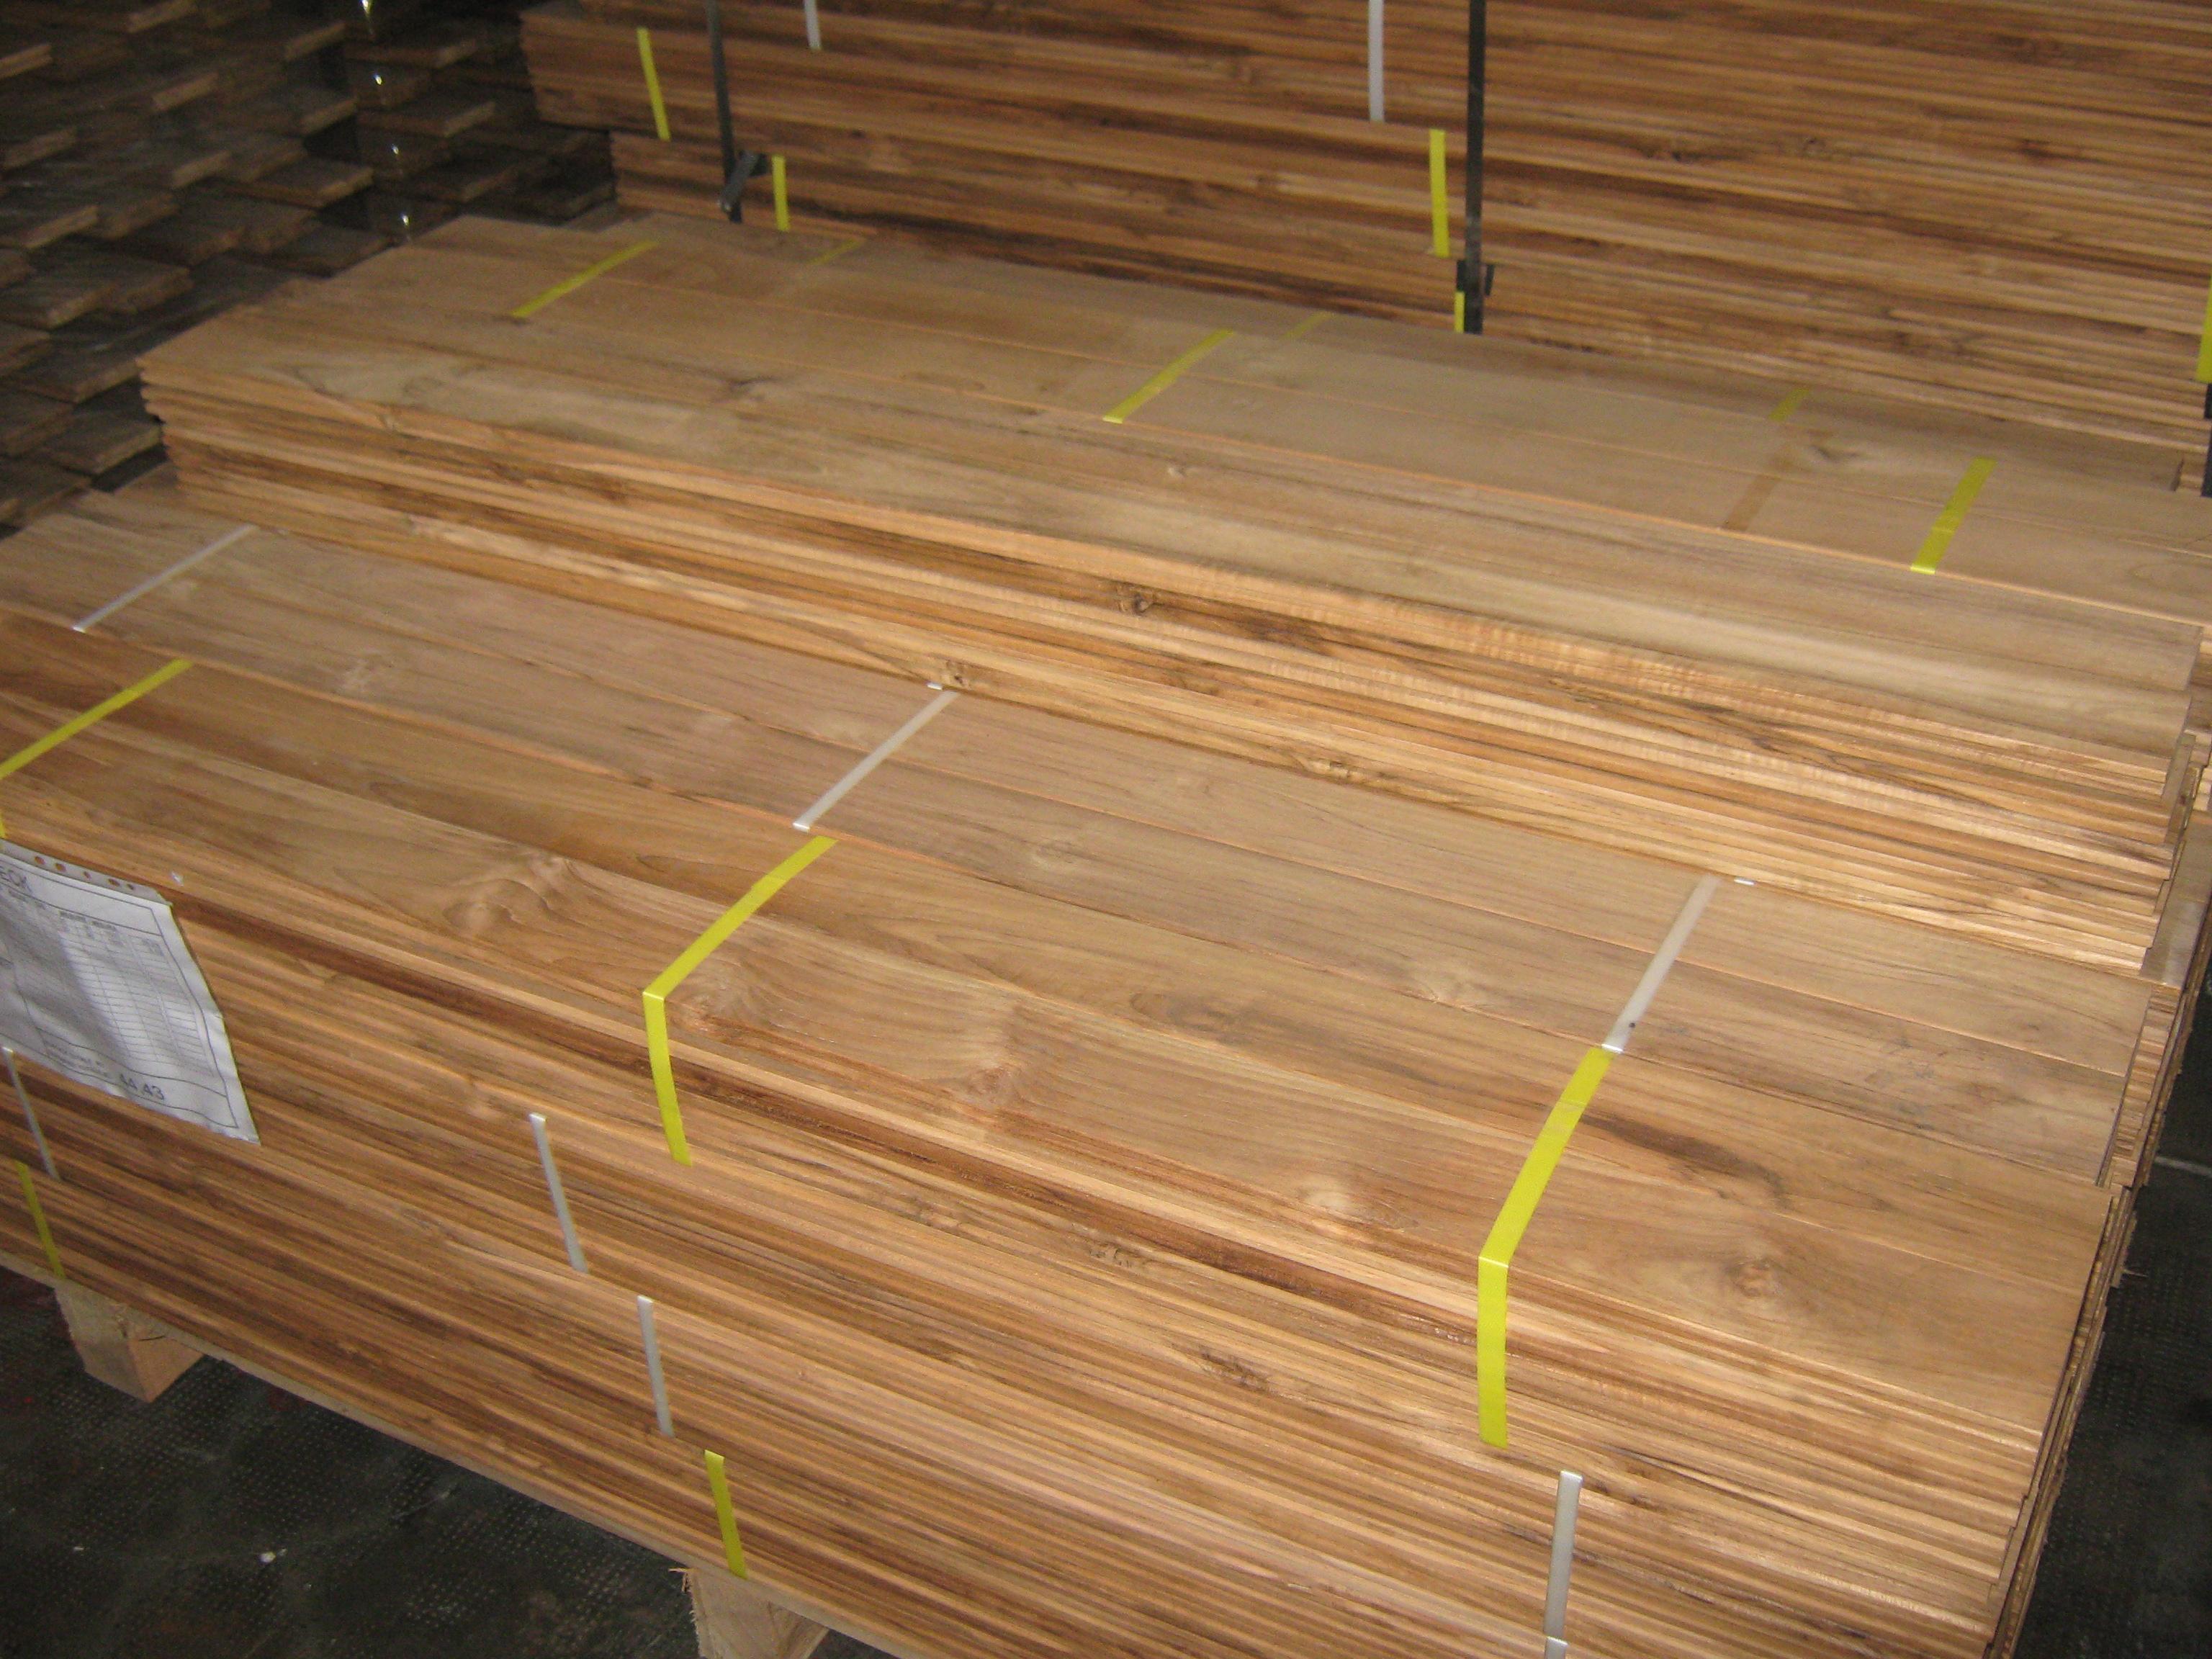 lame terrasse bois exterieur diverses id es de conception de patio en bois pour. Black Bedroom Furniture Sets. Home Design Ideas